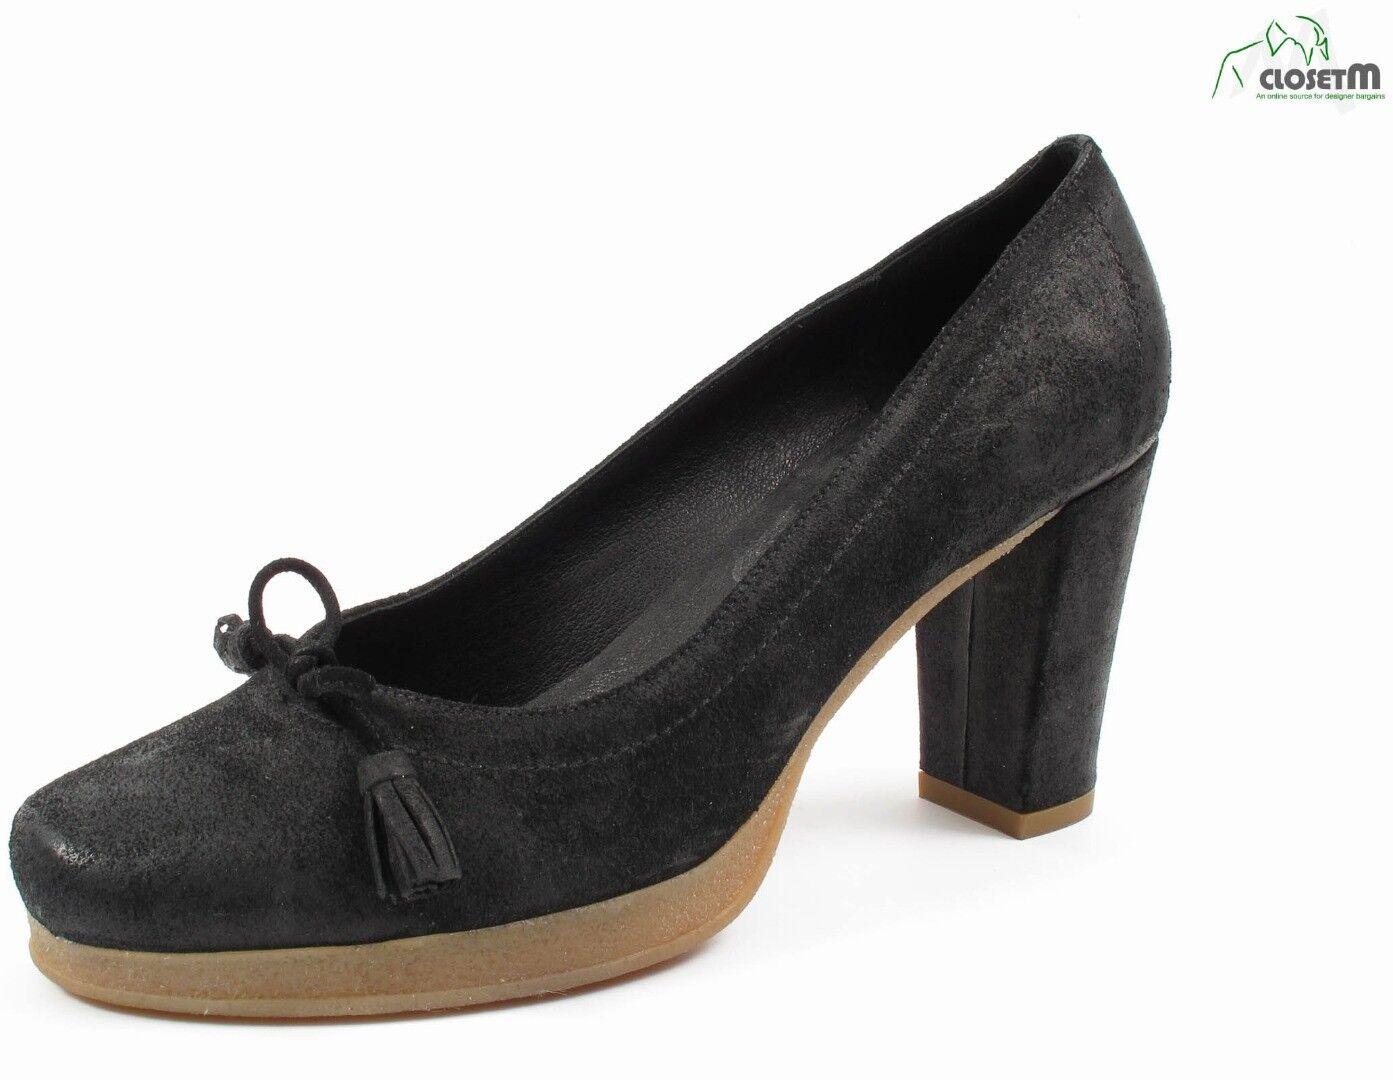 80% di sconto Nara scarpe nero Suede Rubber Sole Pumps Heels scarpe Sz. Sz. Sz. EU 40 US 9  seleziona tra le nuove marche come